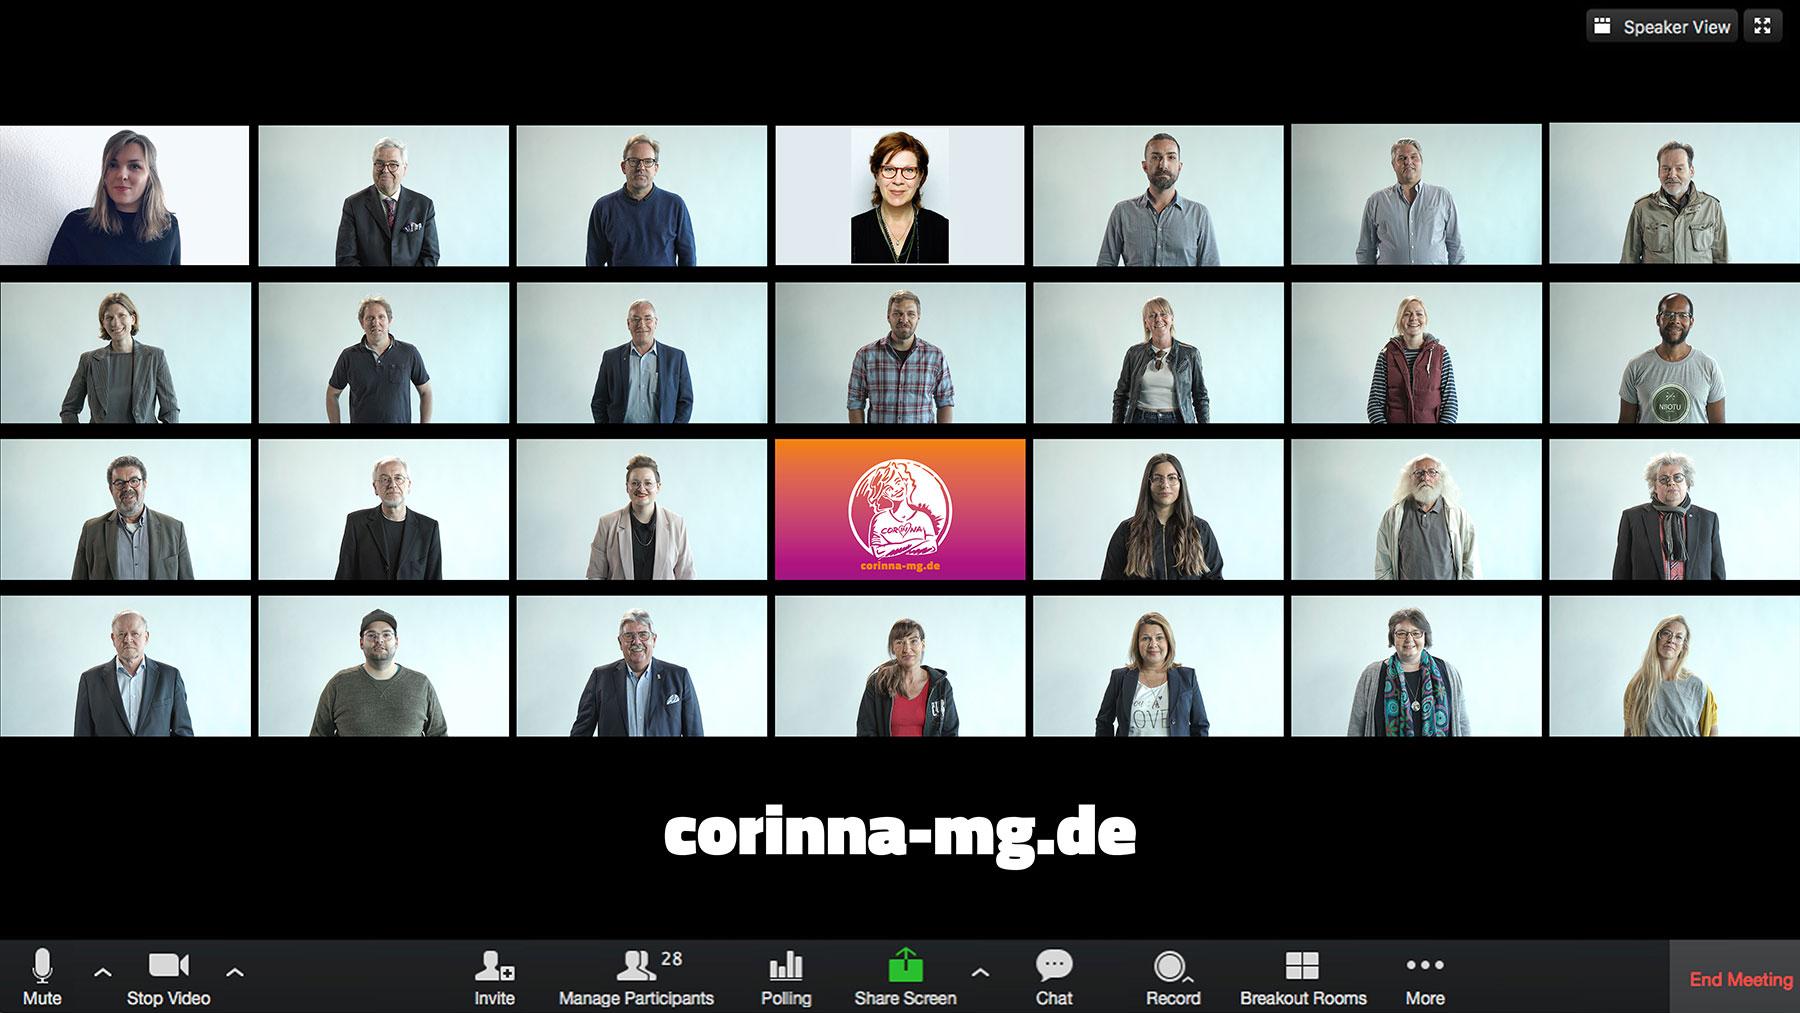 Gladbach.live ist offizieller Streamingpartner und Mitglied von CORINNA e.V.